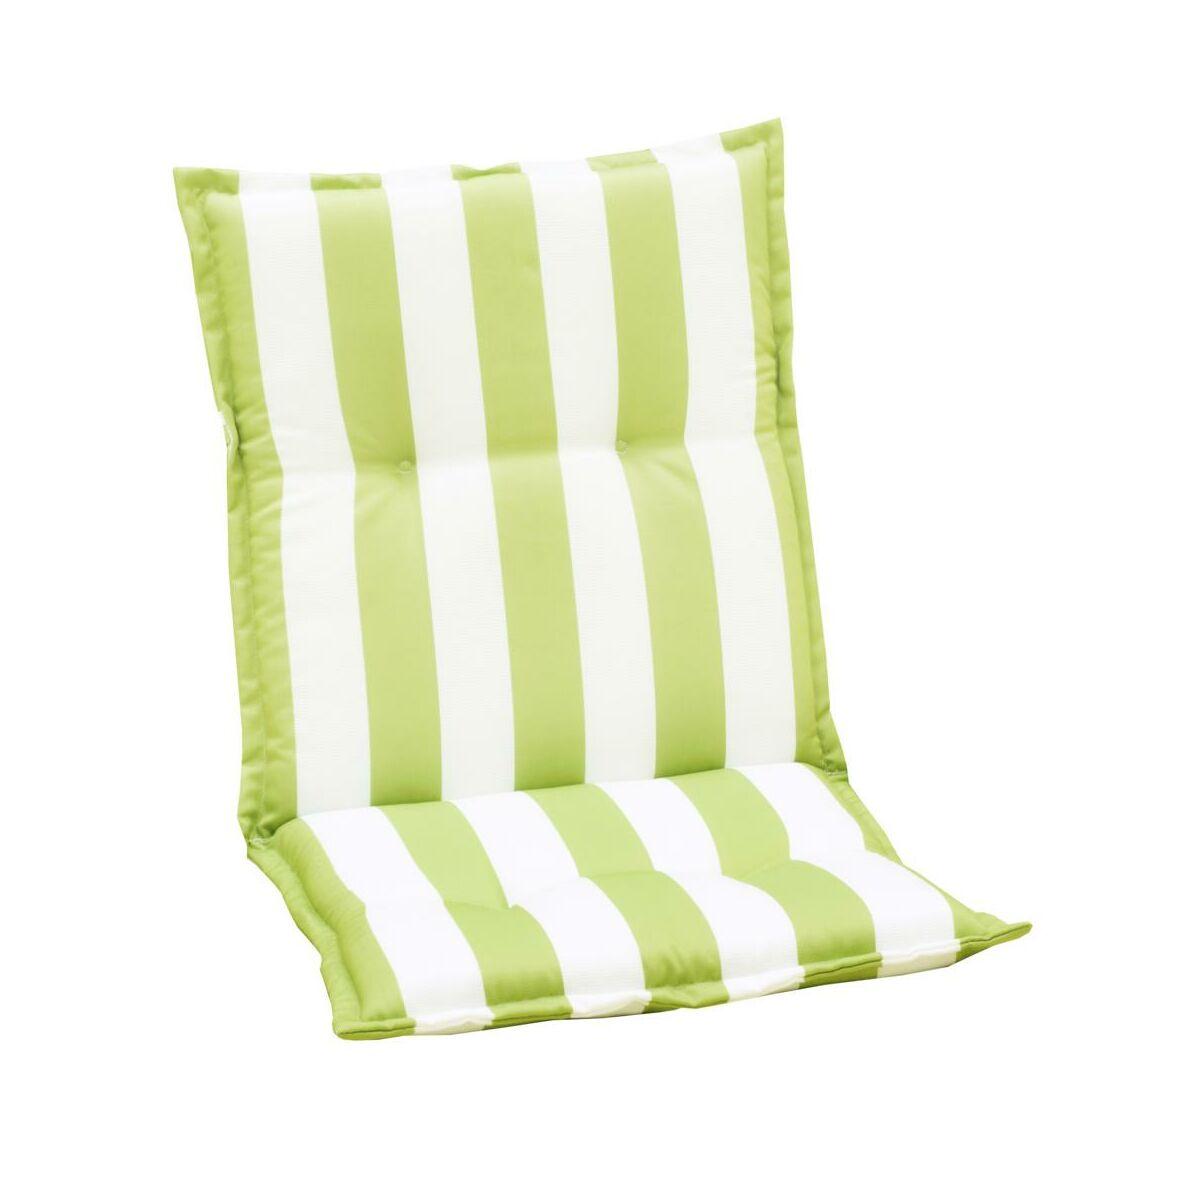 Poduszki Na Meble Ogrodowe Leroy Merlin : Poduszka ogrodowa na fotel SUN GARDEN  sprawdź opinie w Leroy Merlin